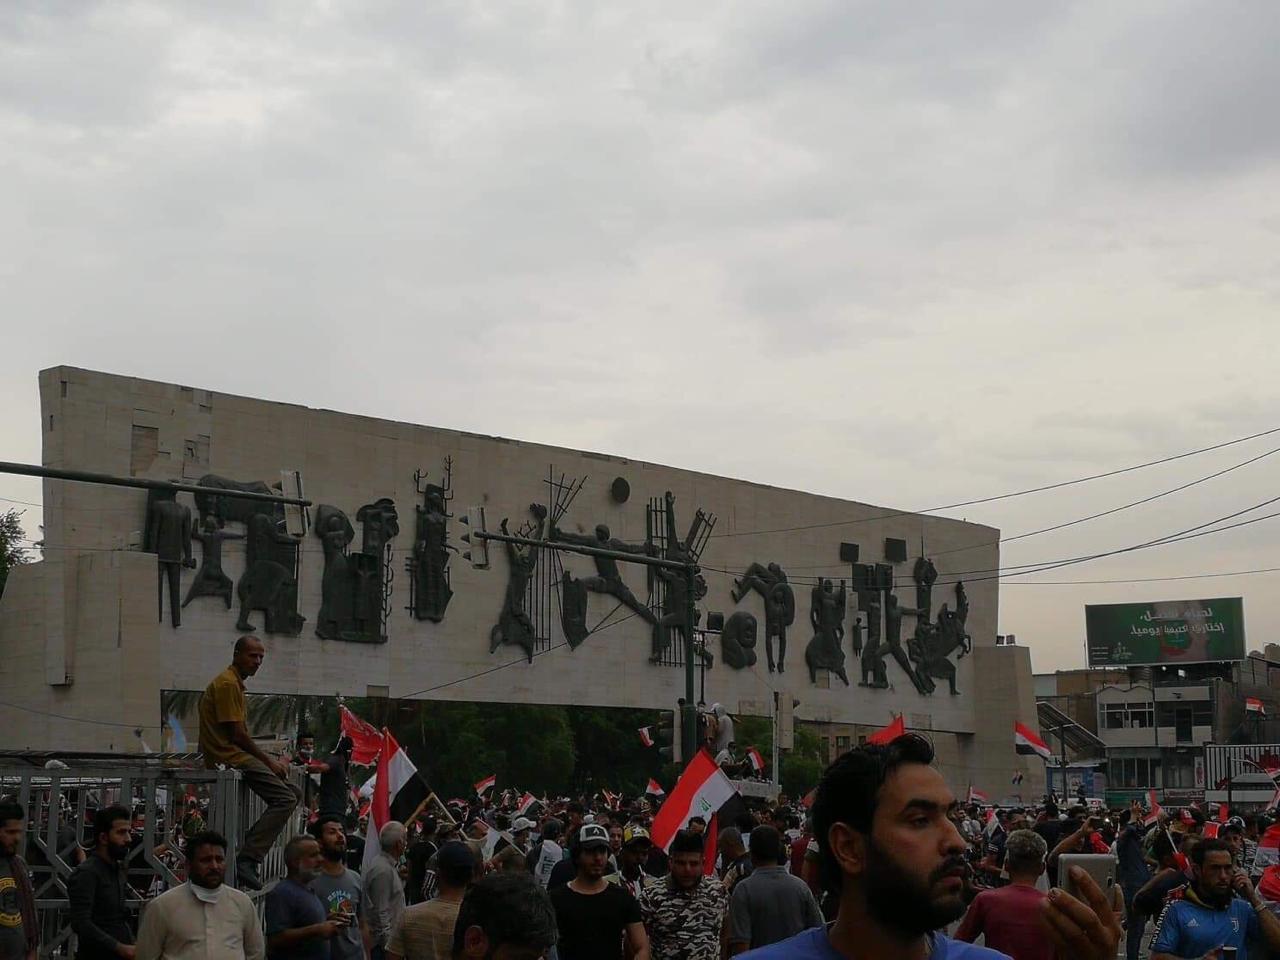 ارتفاع حصيلة القتلى في صفوف المتظاهرين باحتجاجات الجمعة في بغداد